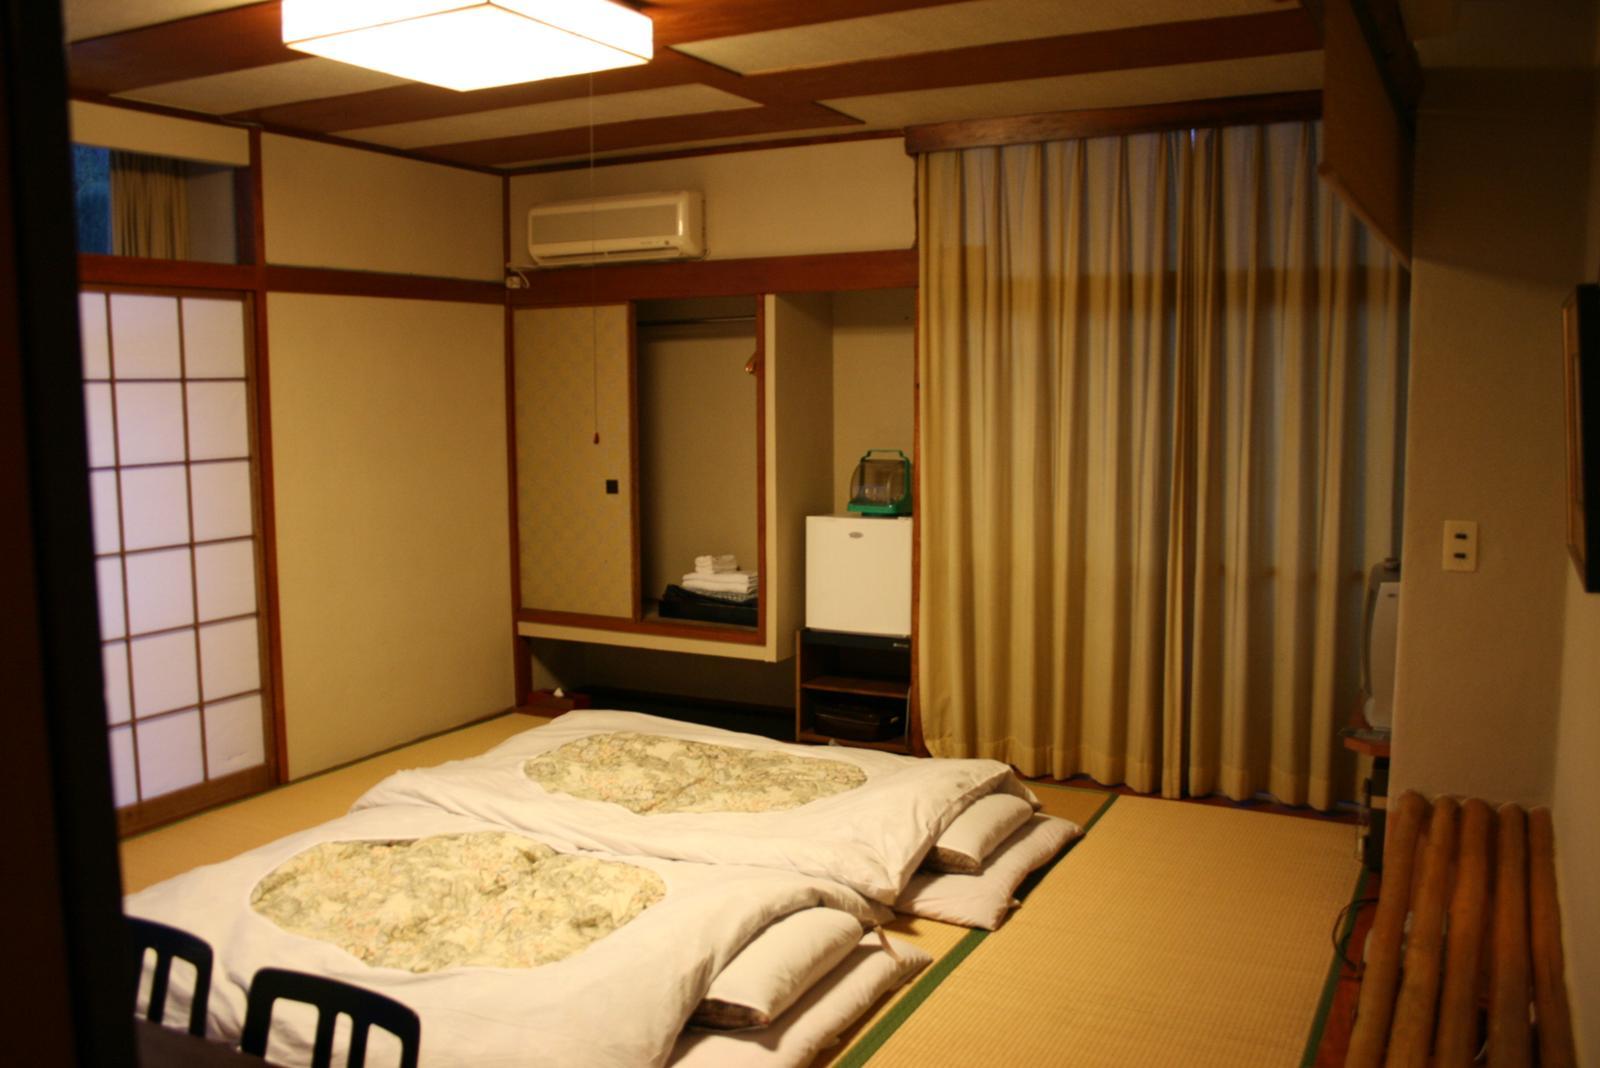 日本的房子内部图片